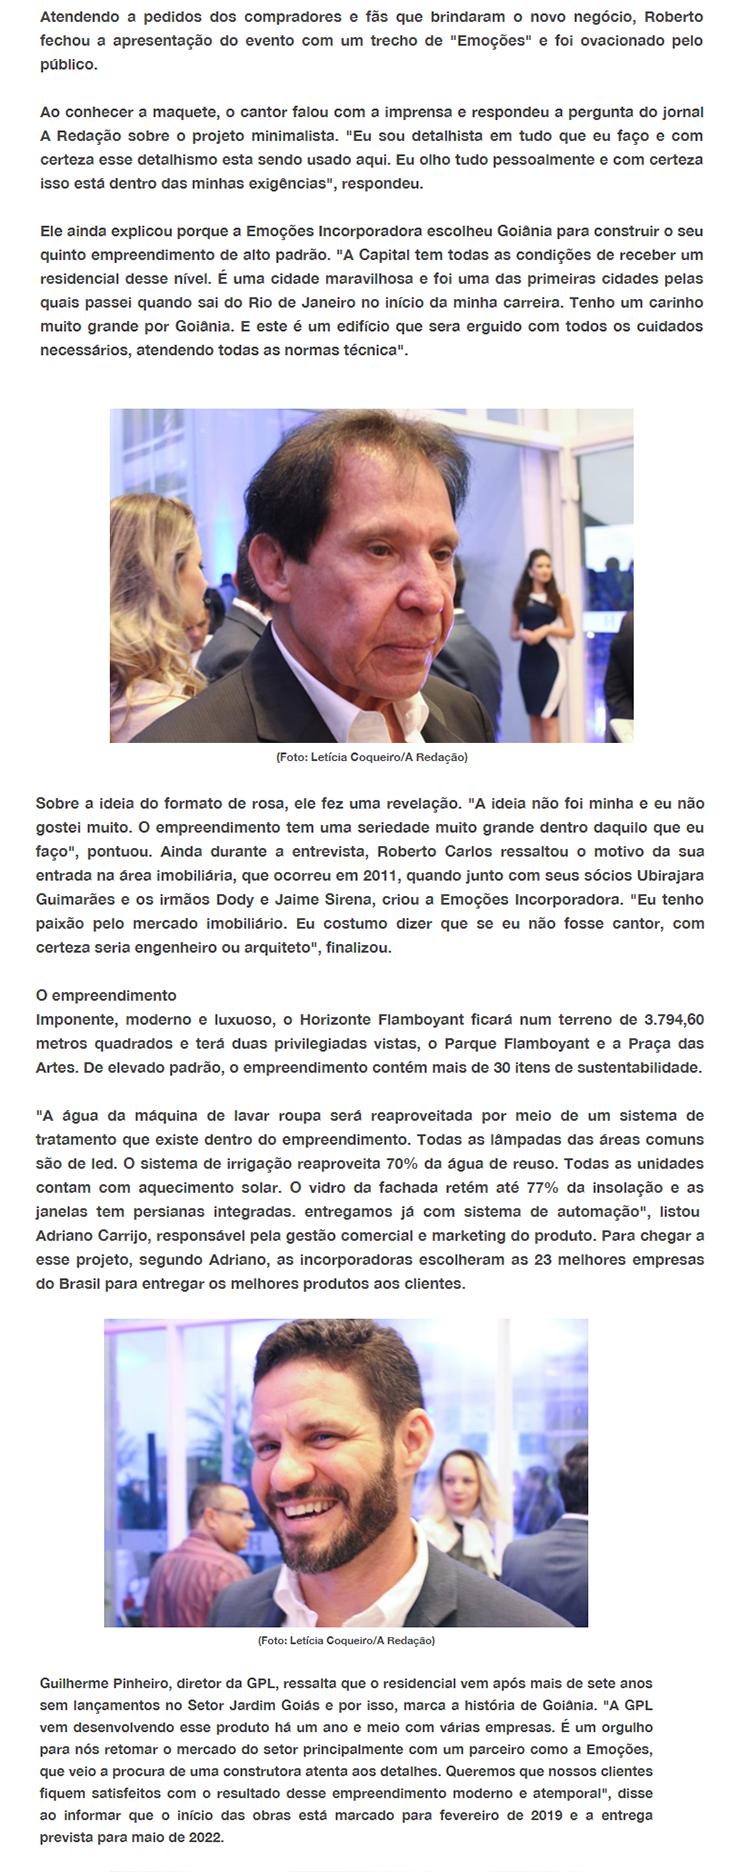 noticia8